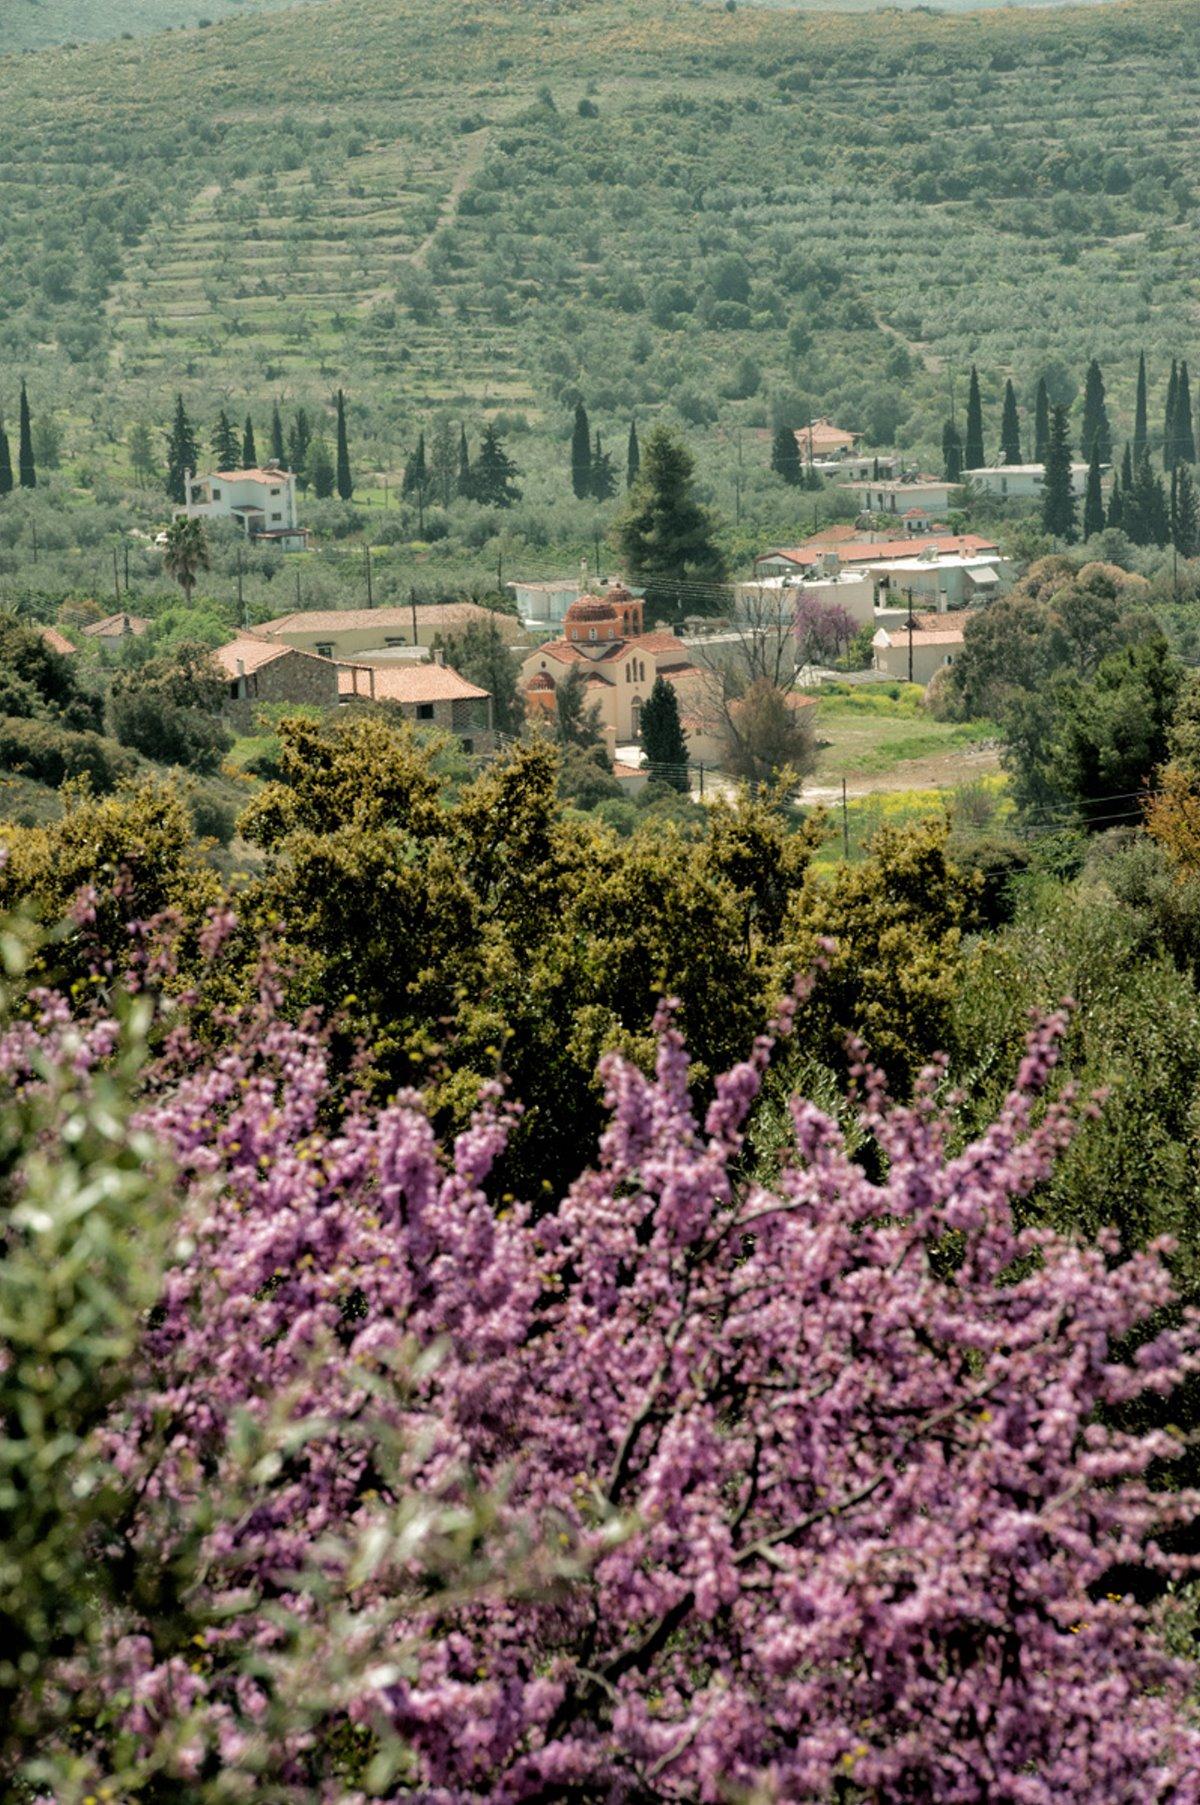 χωριό Πυργιώτικα κοντά στην Αθήνα